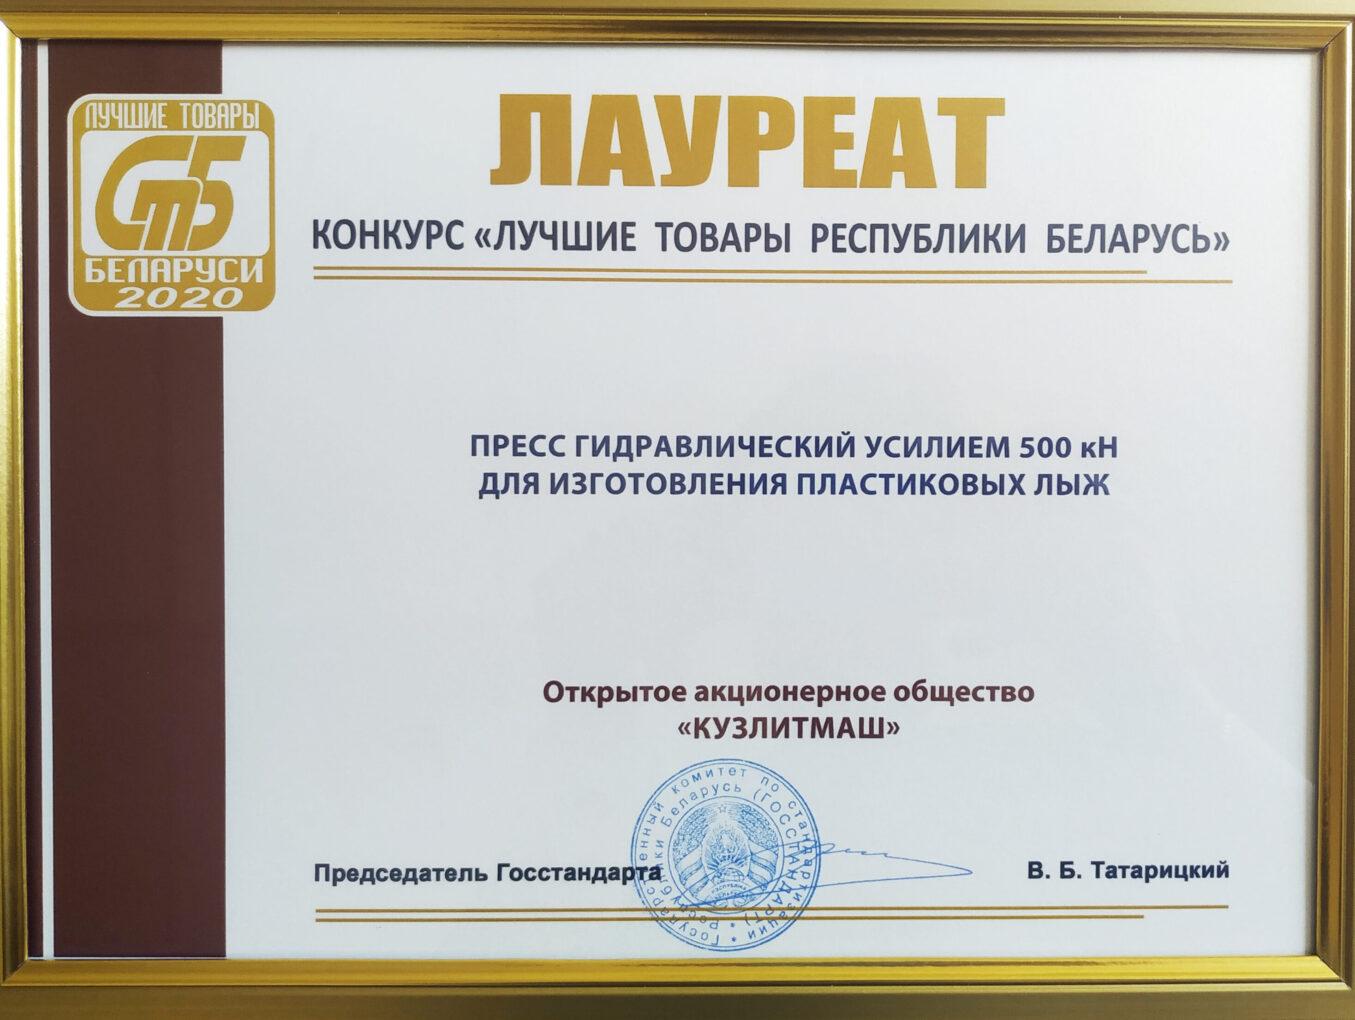 ОАО «Кузлитмаш» удостоилось звания лауреата конкурса «Лучшие товары Республики Беларусь 2020 года»